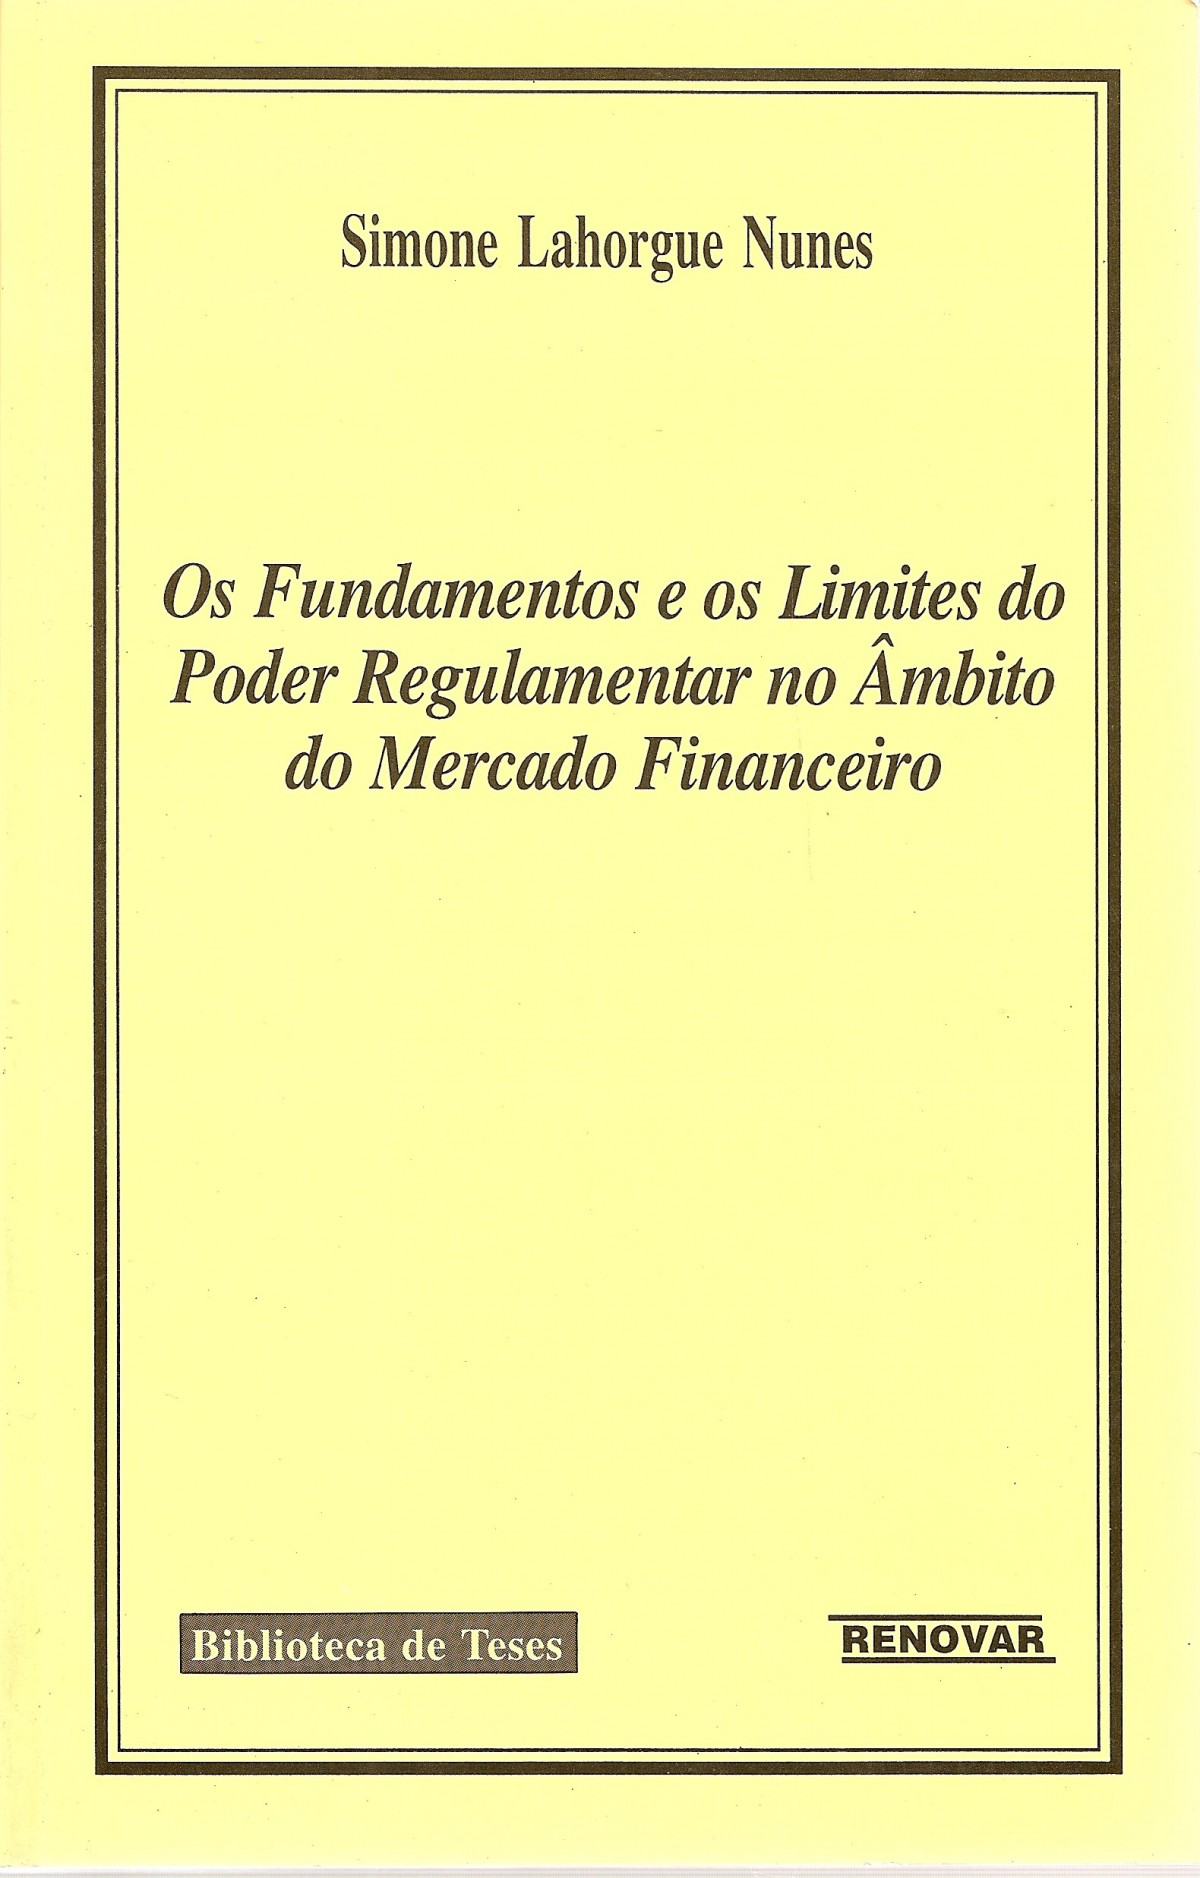 Foto 1 - Os fundamentos e os Limites do Poder Regulamentar no Âmbito do Mercado Financeiro